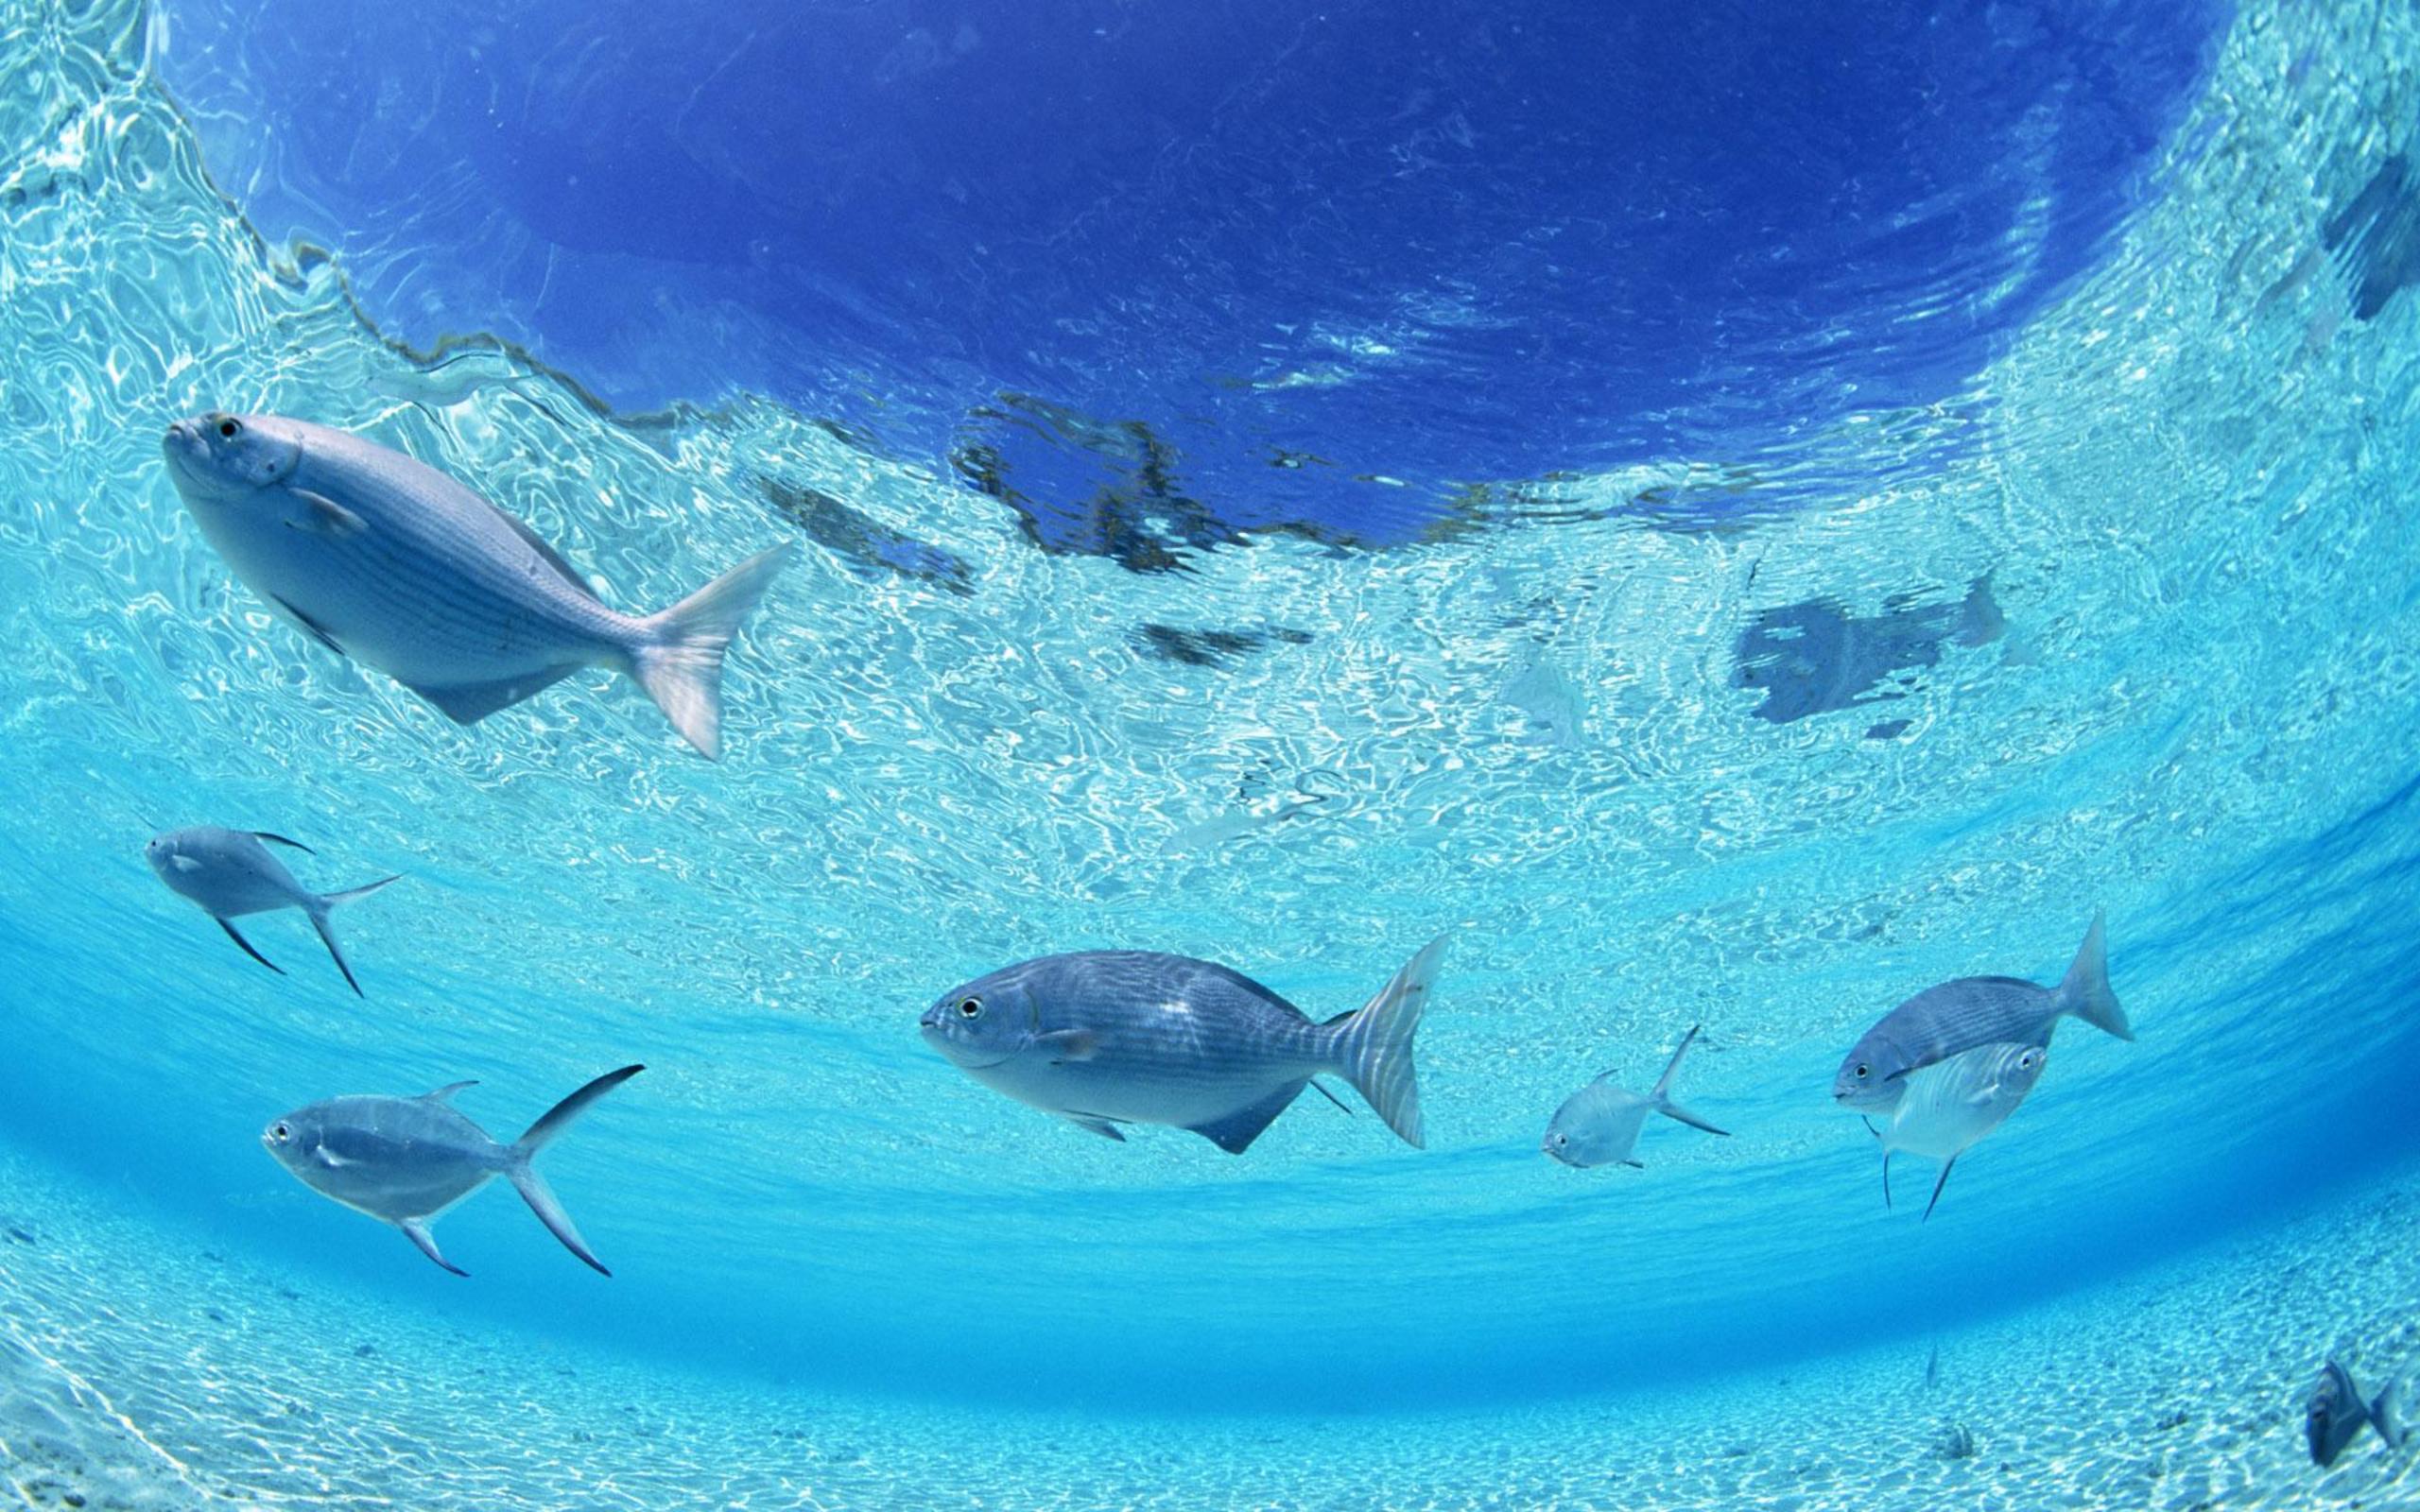 Ocean floor wallpapers and images wallpapers pictures for Ocean s floor